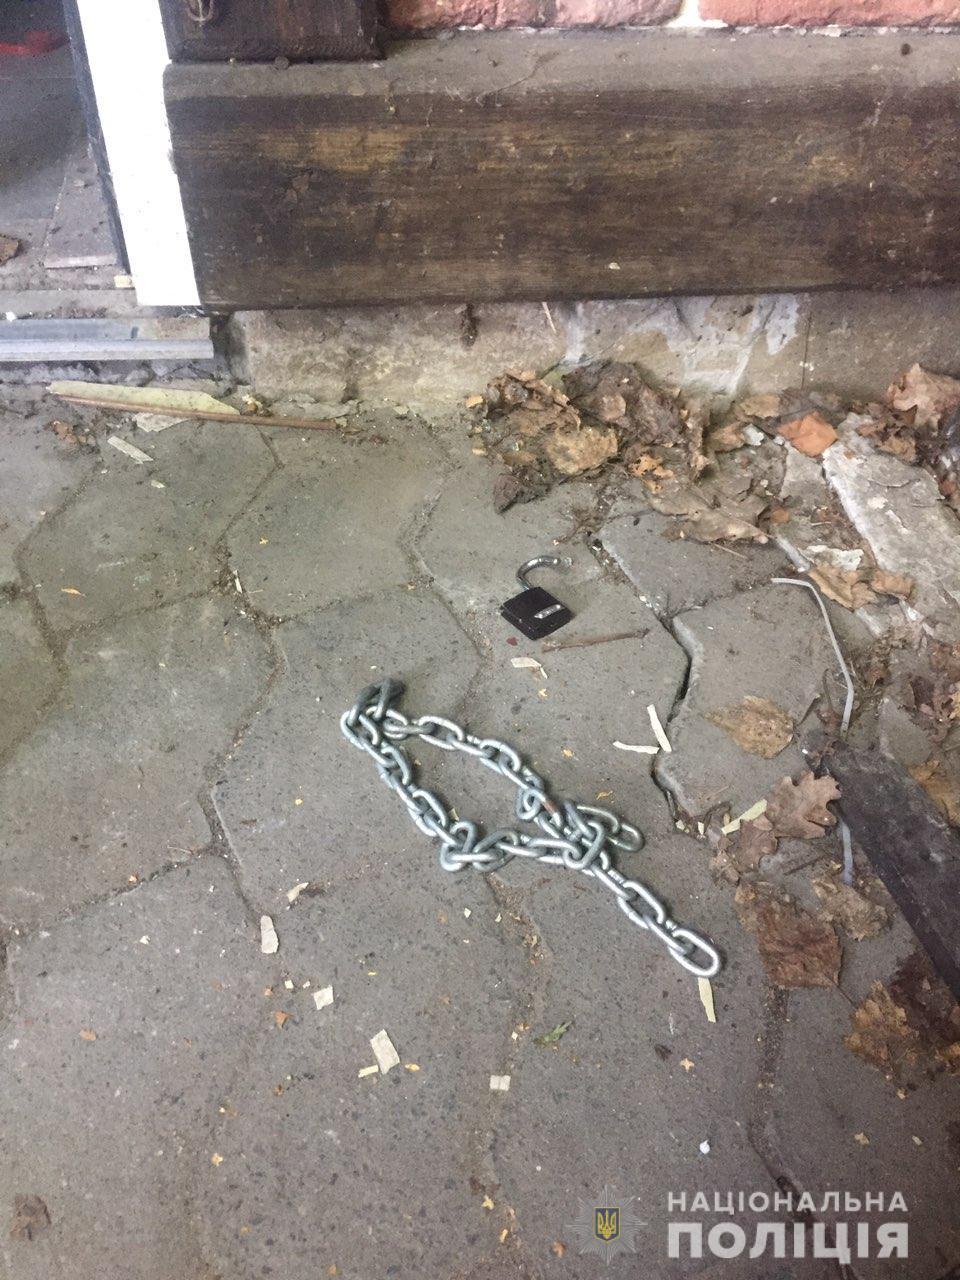 Невдача спіткала грабіжника в Глевасі на Васильківщині -  - n5